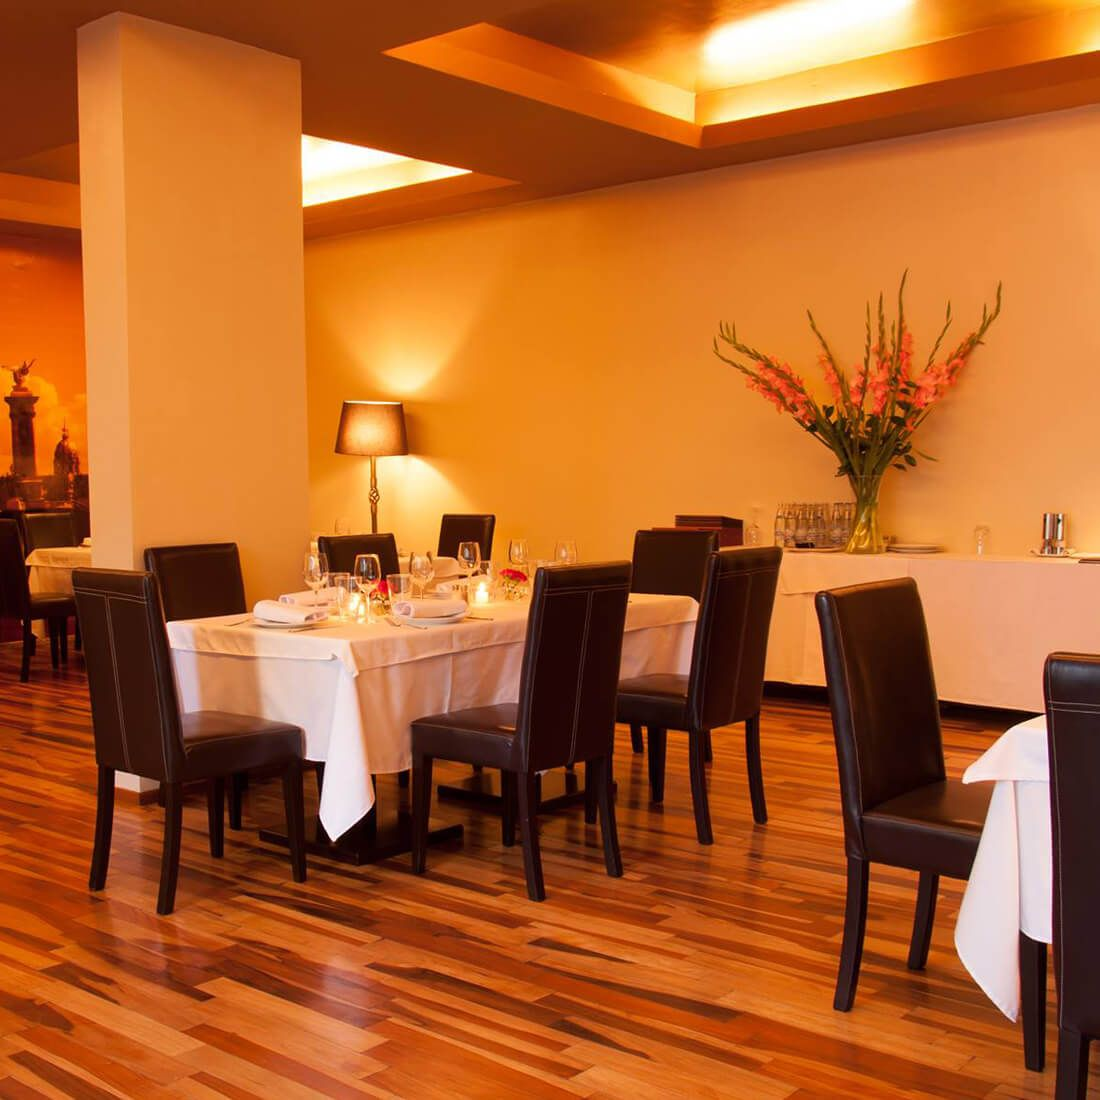 LE SOLEIL CUSCO Restaurante - Reserva y Pide Delivery o Take Out en restaurantes de Comida FRANCESA - CUSCO - MESA 24/7 | CUSCO - Perú